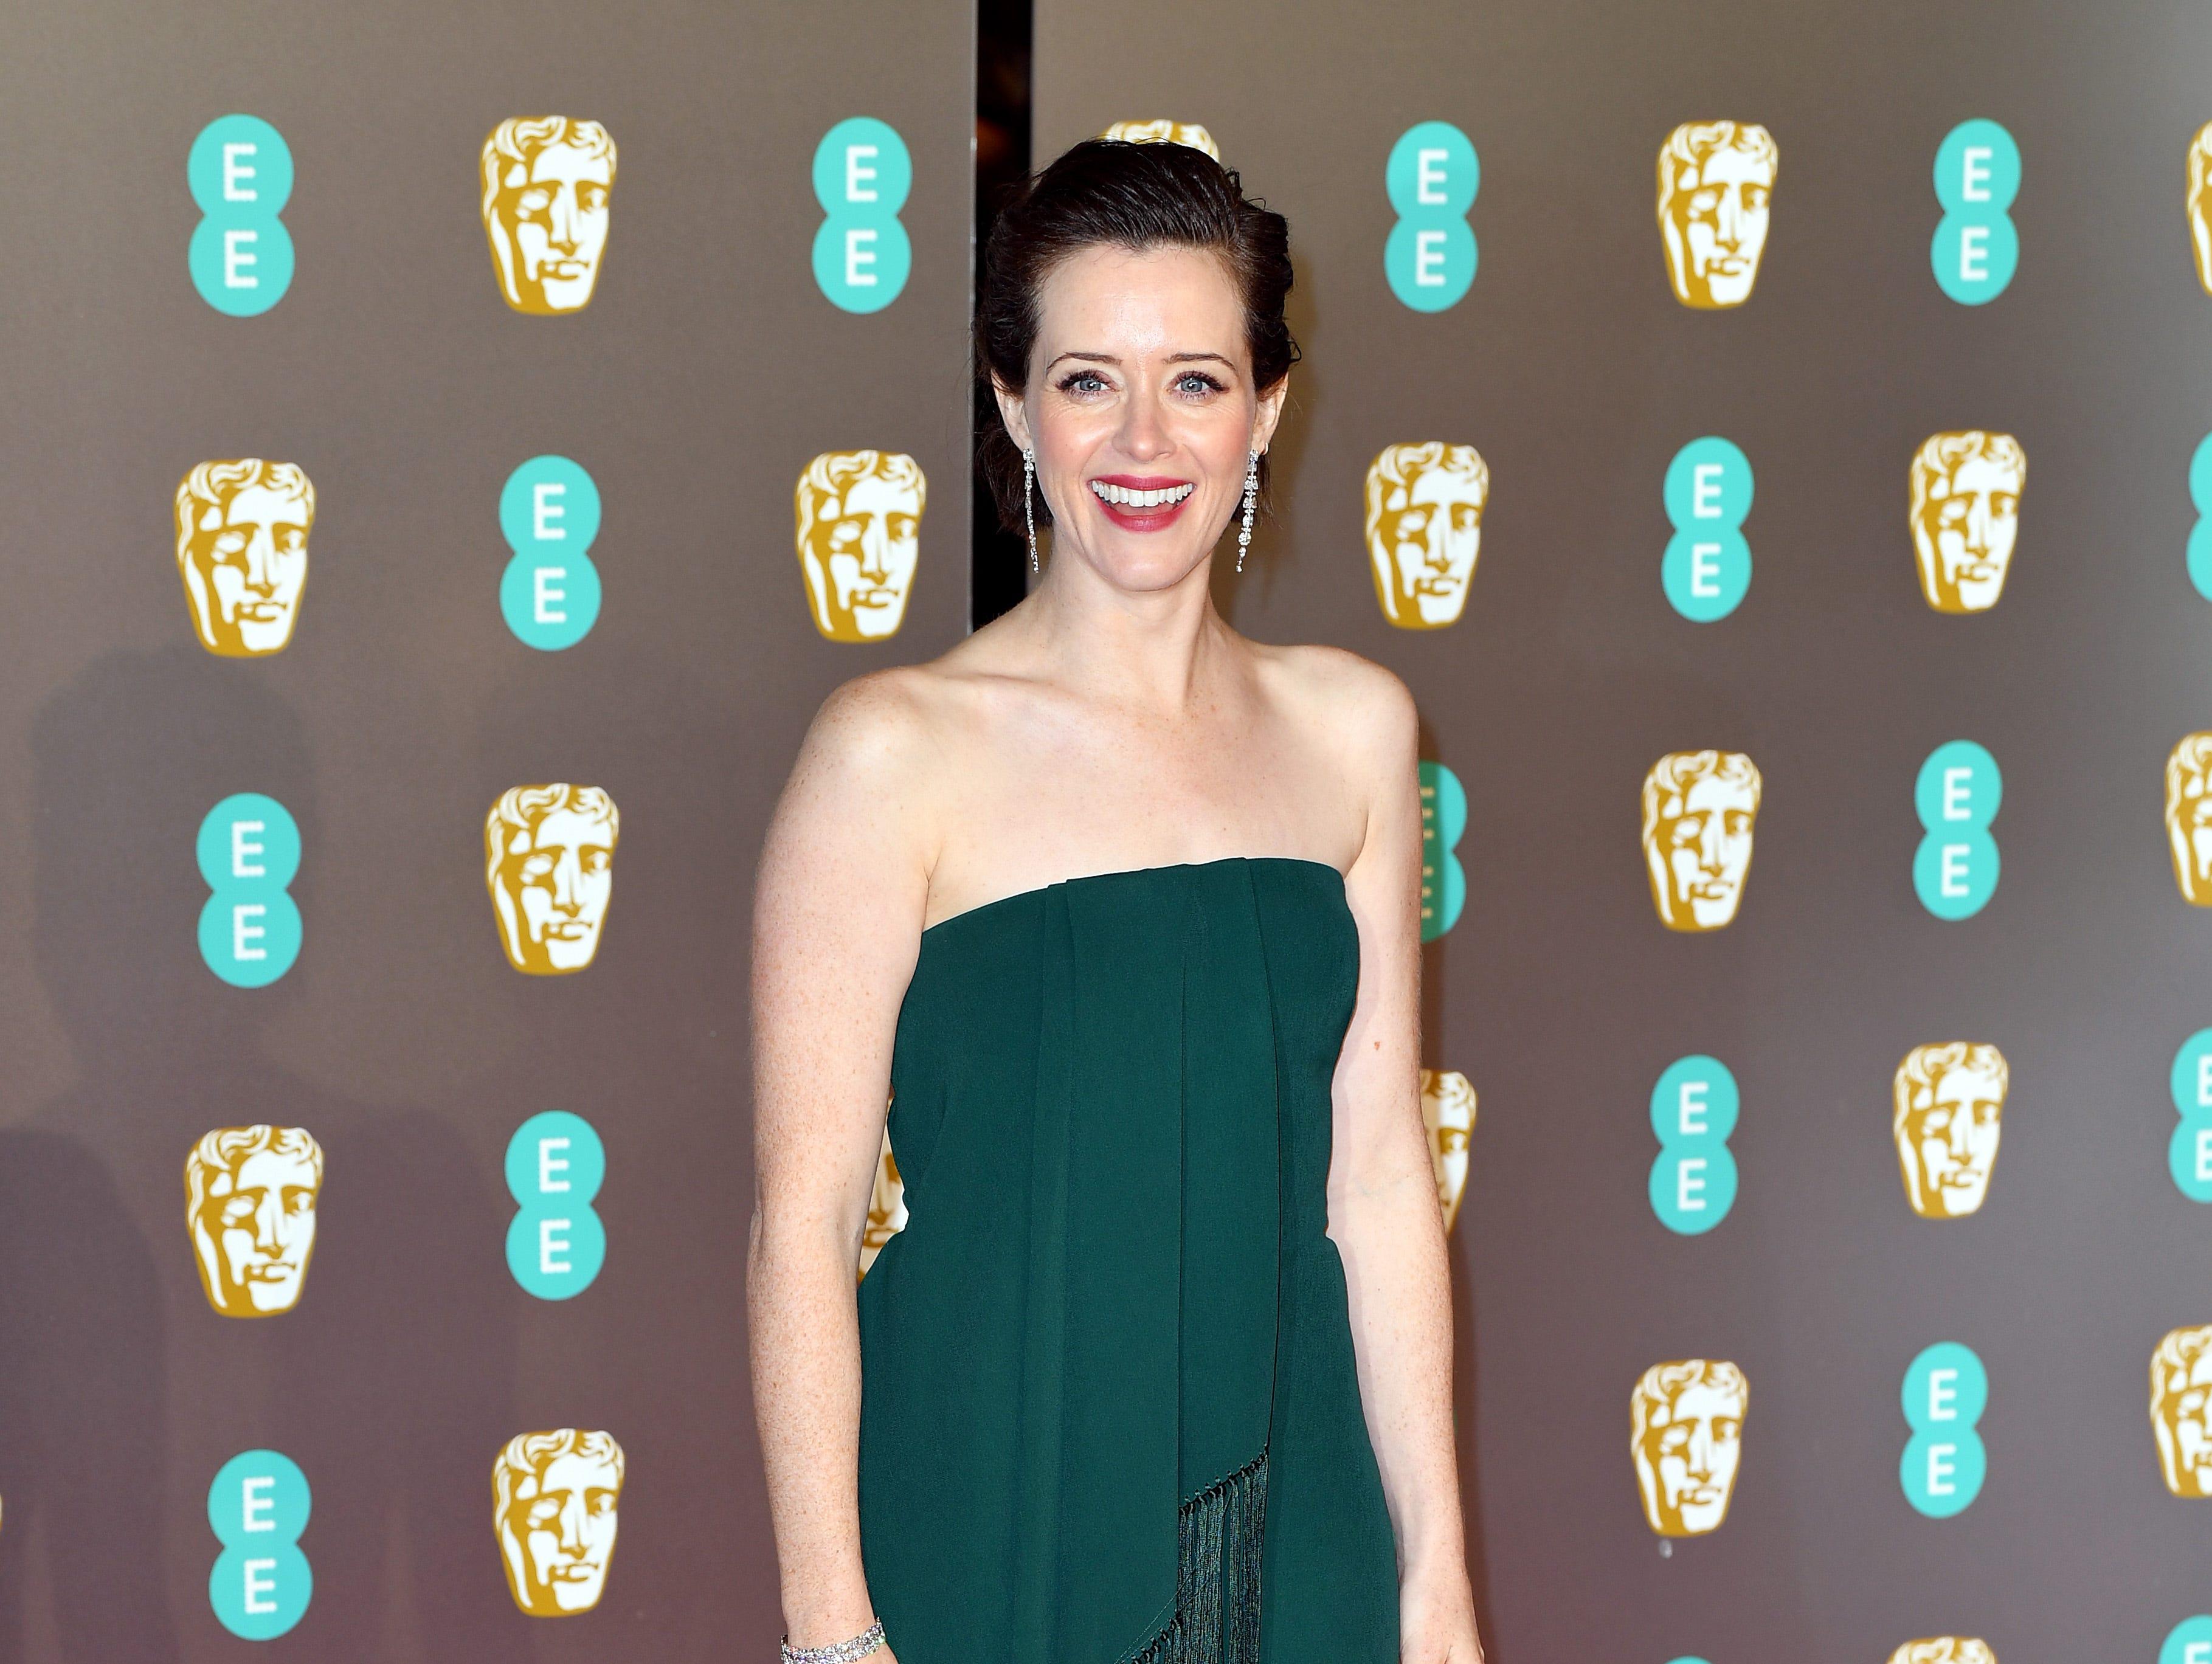 Claire Foy a su llegada a la alfombra roja de los Premios de la Academia Británica de Cine BAFTA en el Royal Albert Hall en Londres el 10 de febrero de 2019.